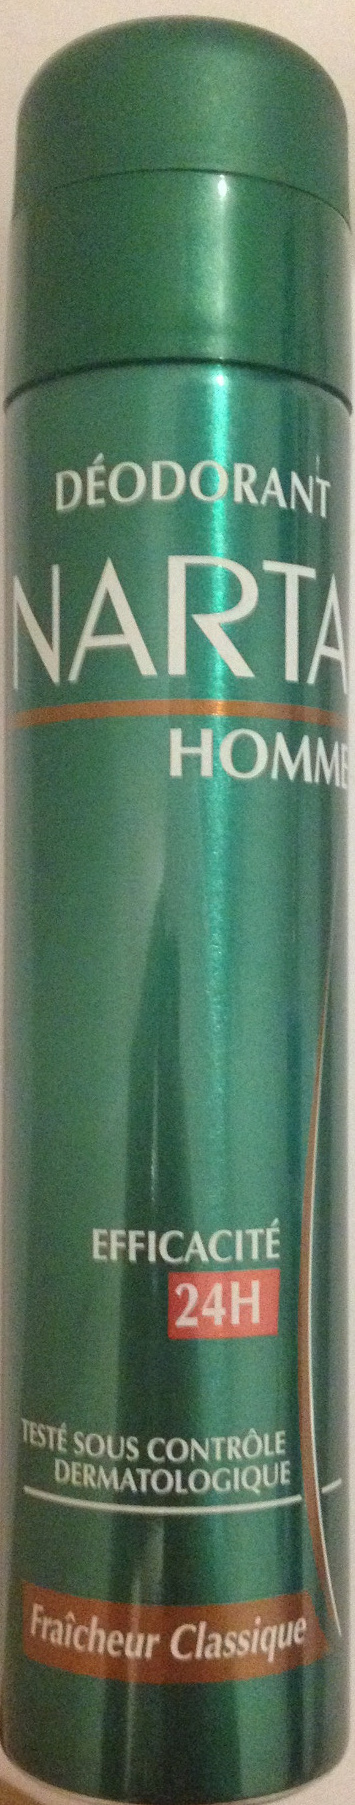 Déodorant fraîcheur classique - Product